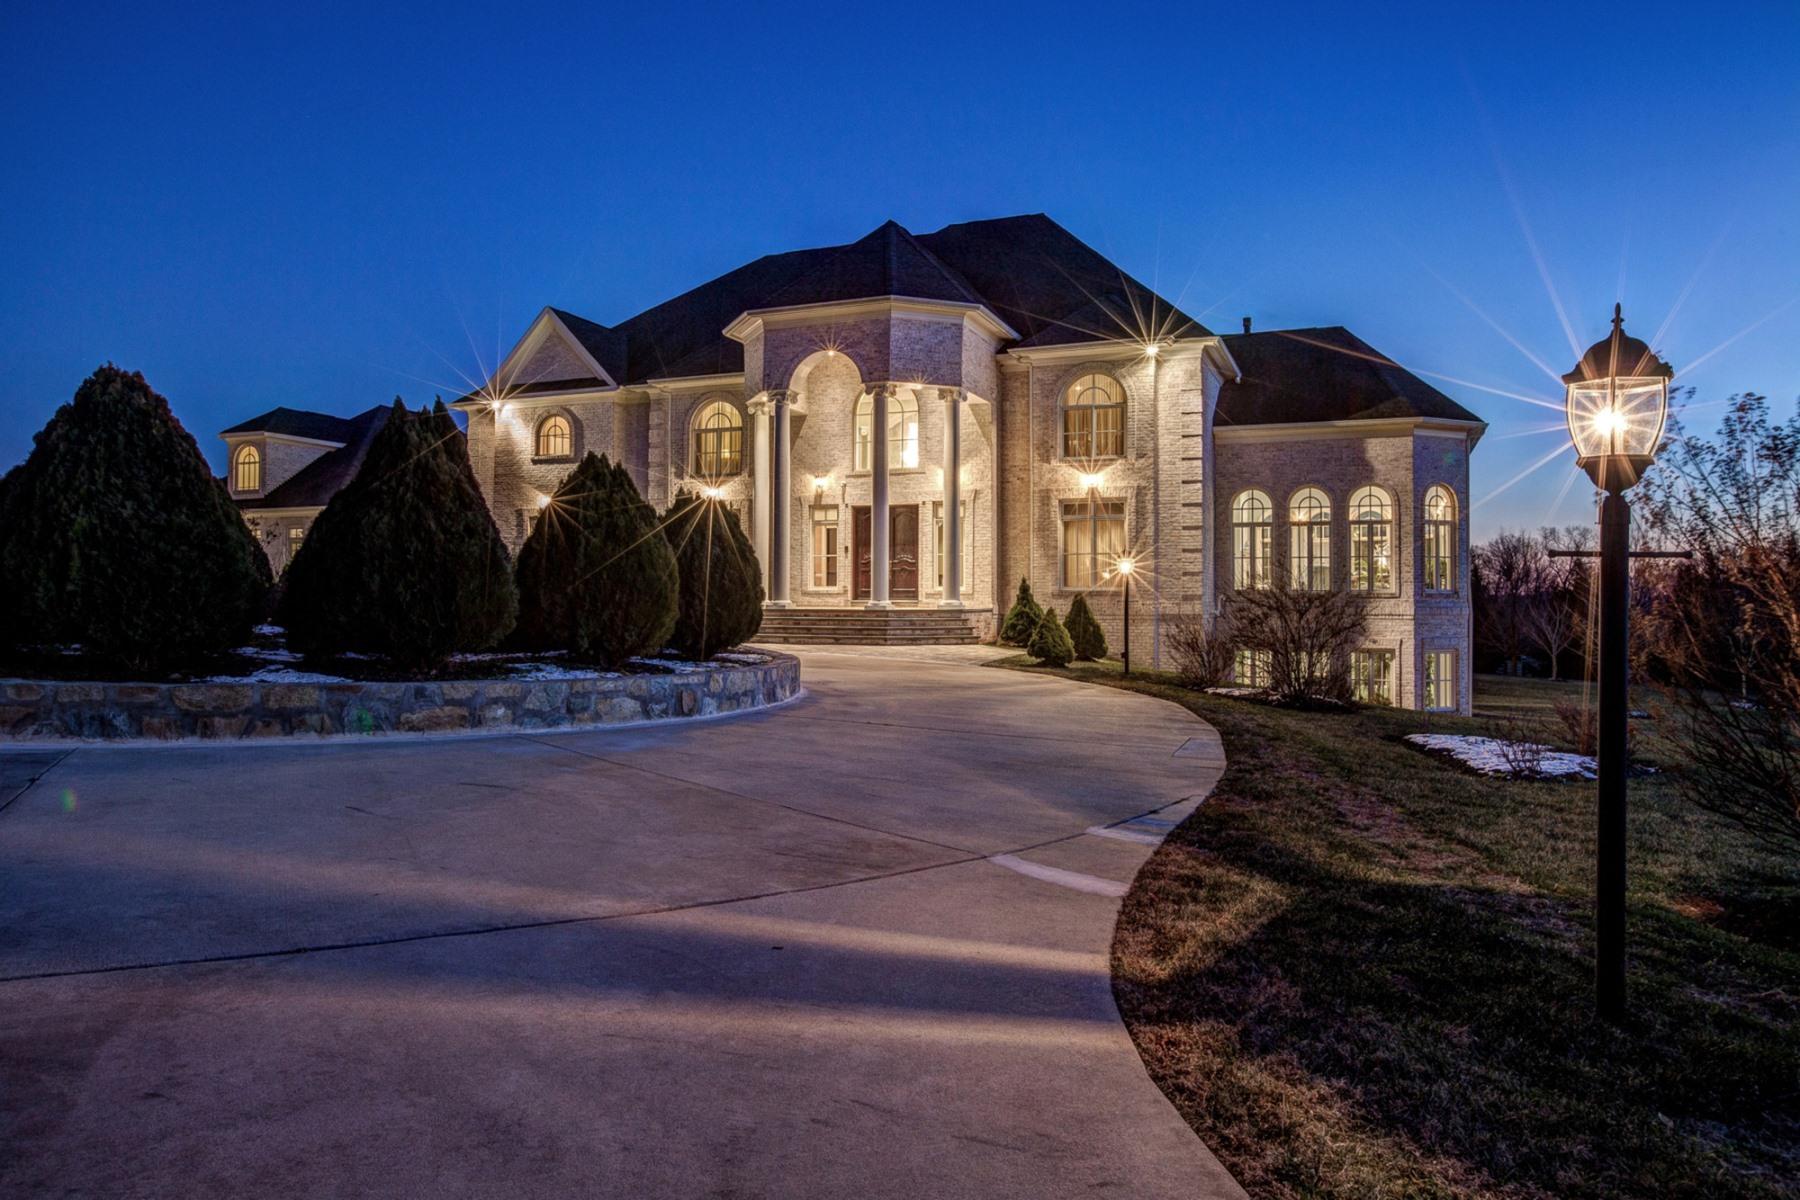 Maison unifamiliale pour l Vente à 13520 Bella Notte Way, Clarksville Clarksville, Maryland 21029 États-Unis